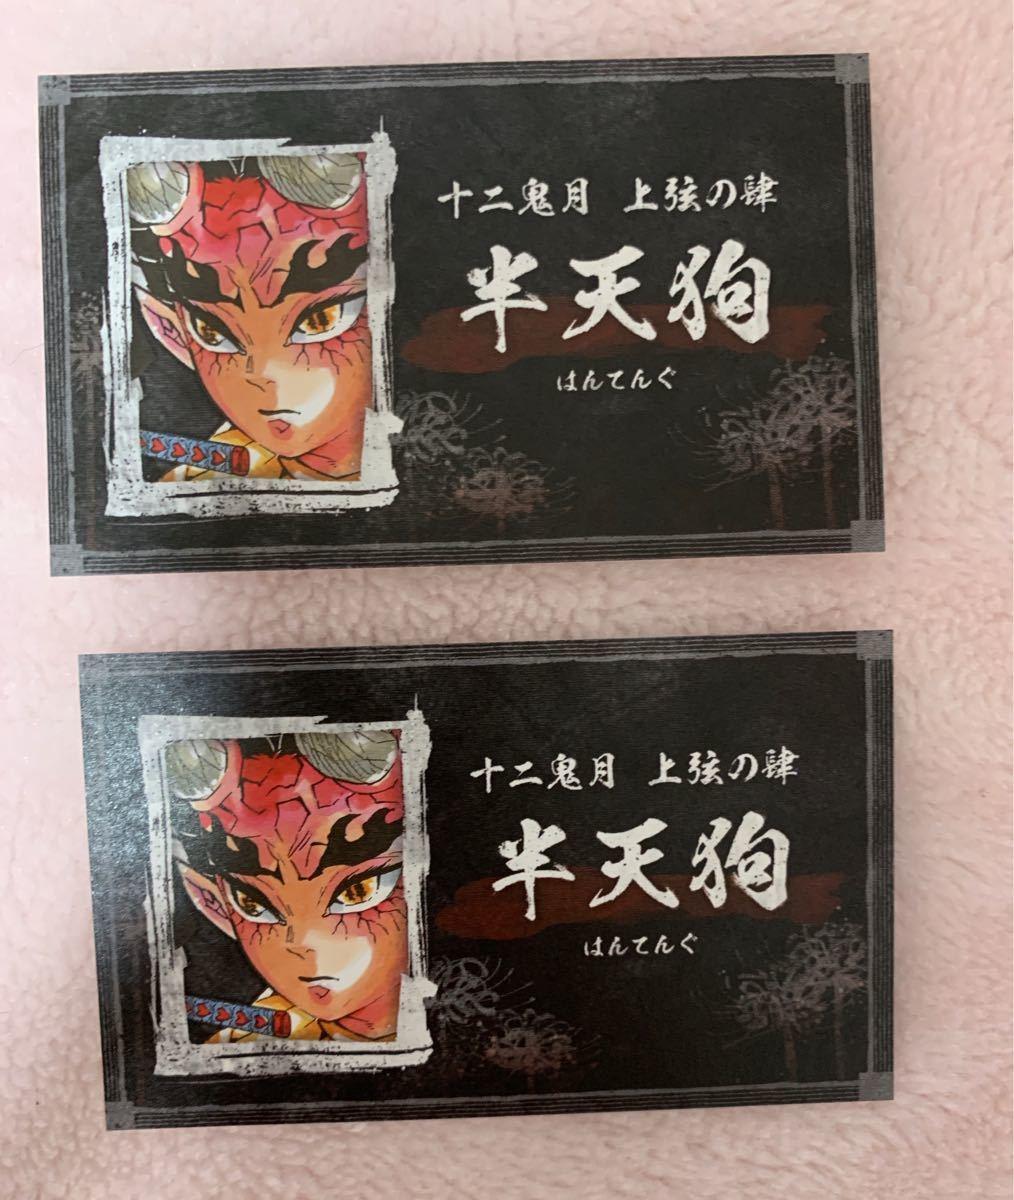 鬼滅の刃 鬼滅 名刺カードコレクション 名刺 カード 半天狗